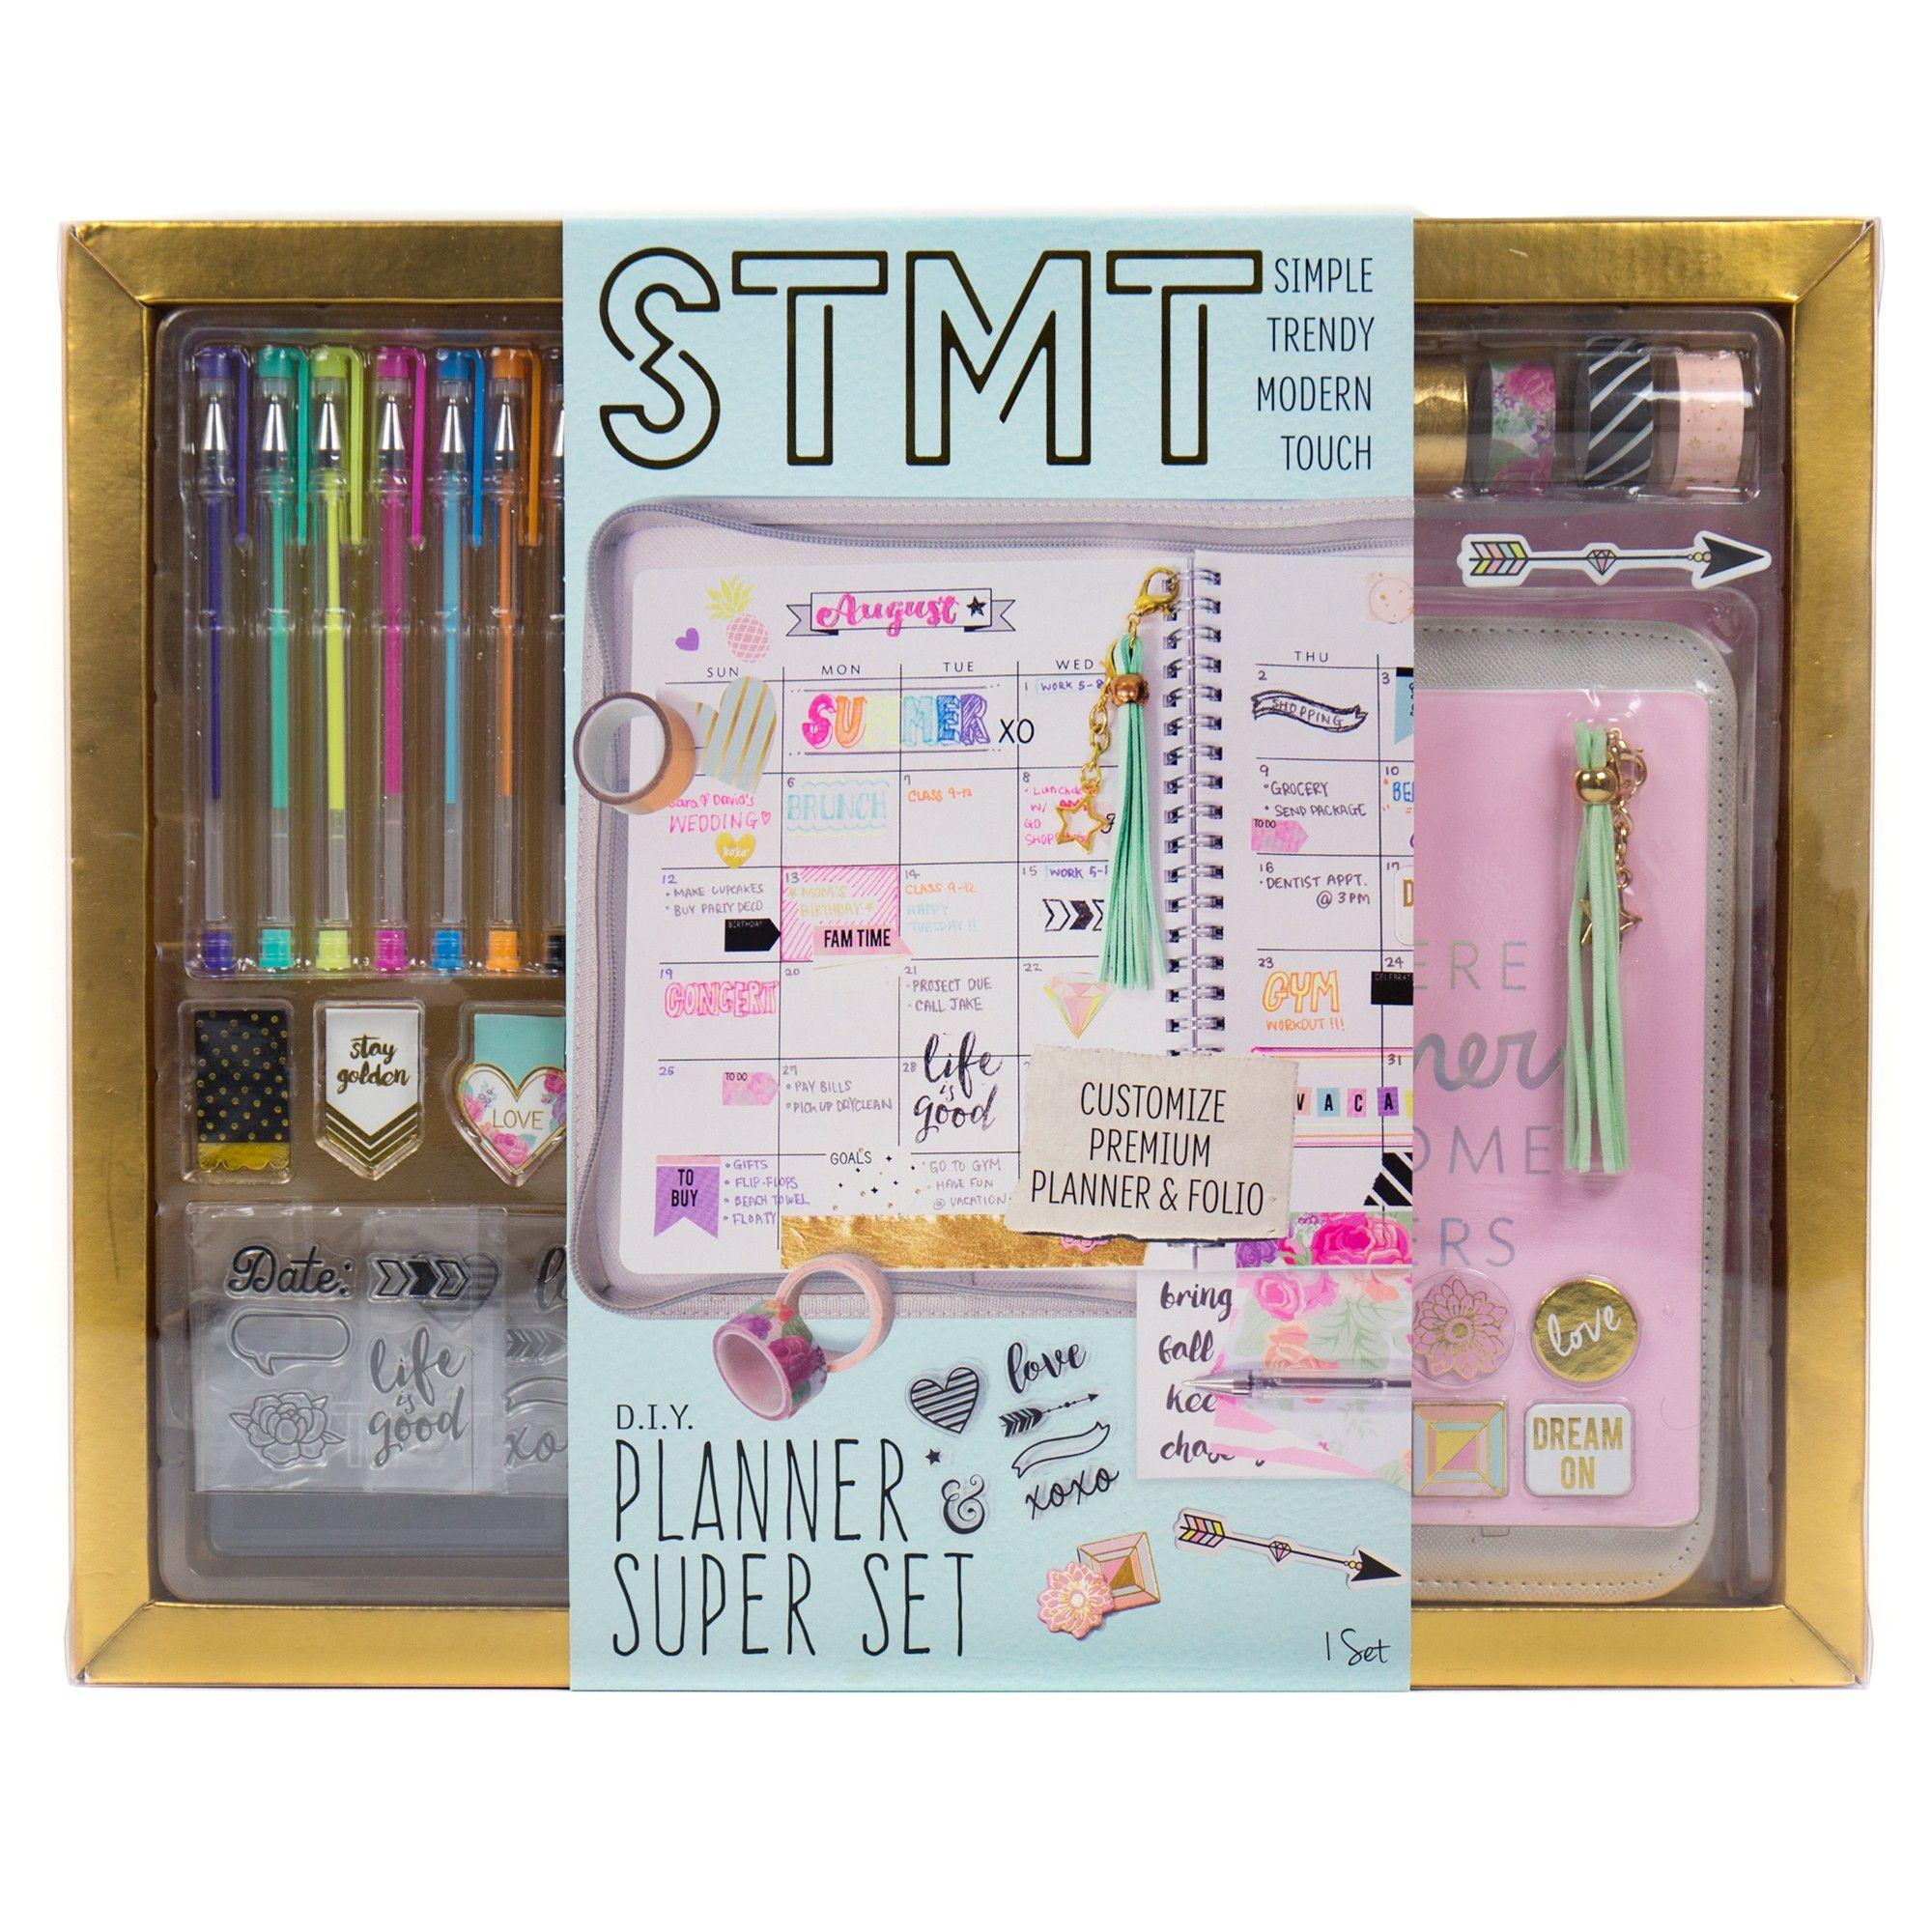 Stmt Diy Planner Super Set Activity Kit Arts, crafts